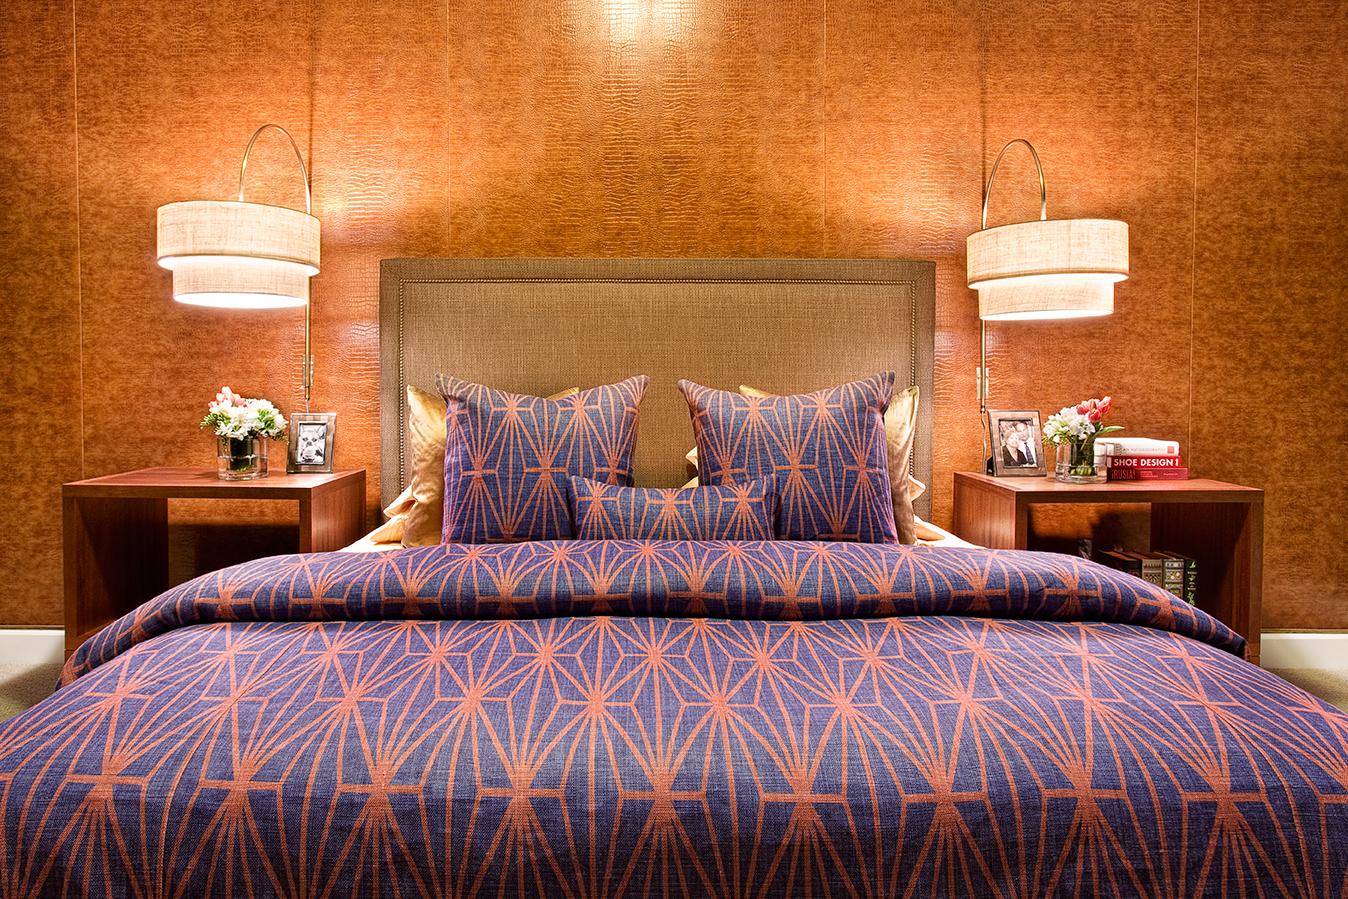 Hotel design in Santa Fe, Vail, Aspen